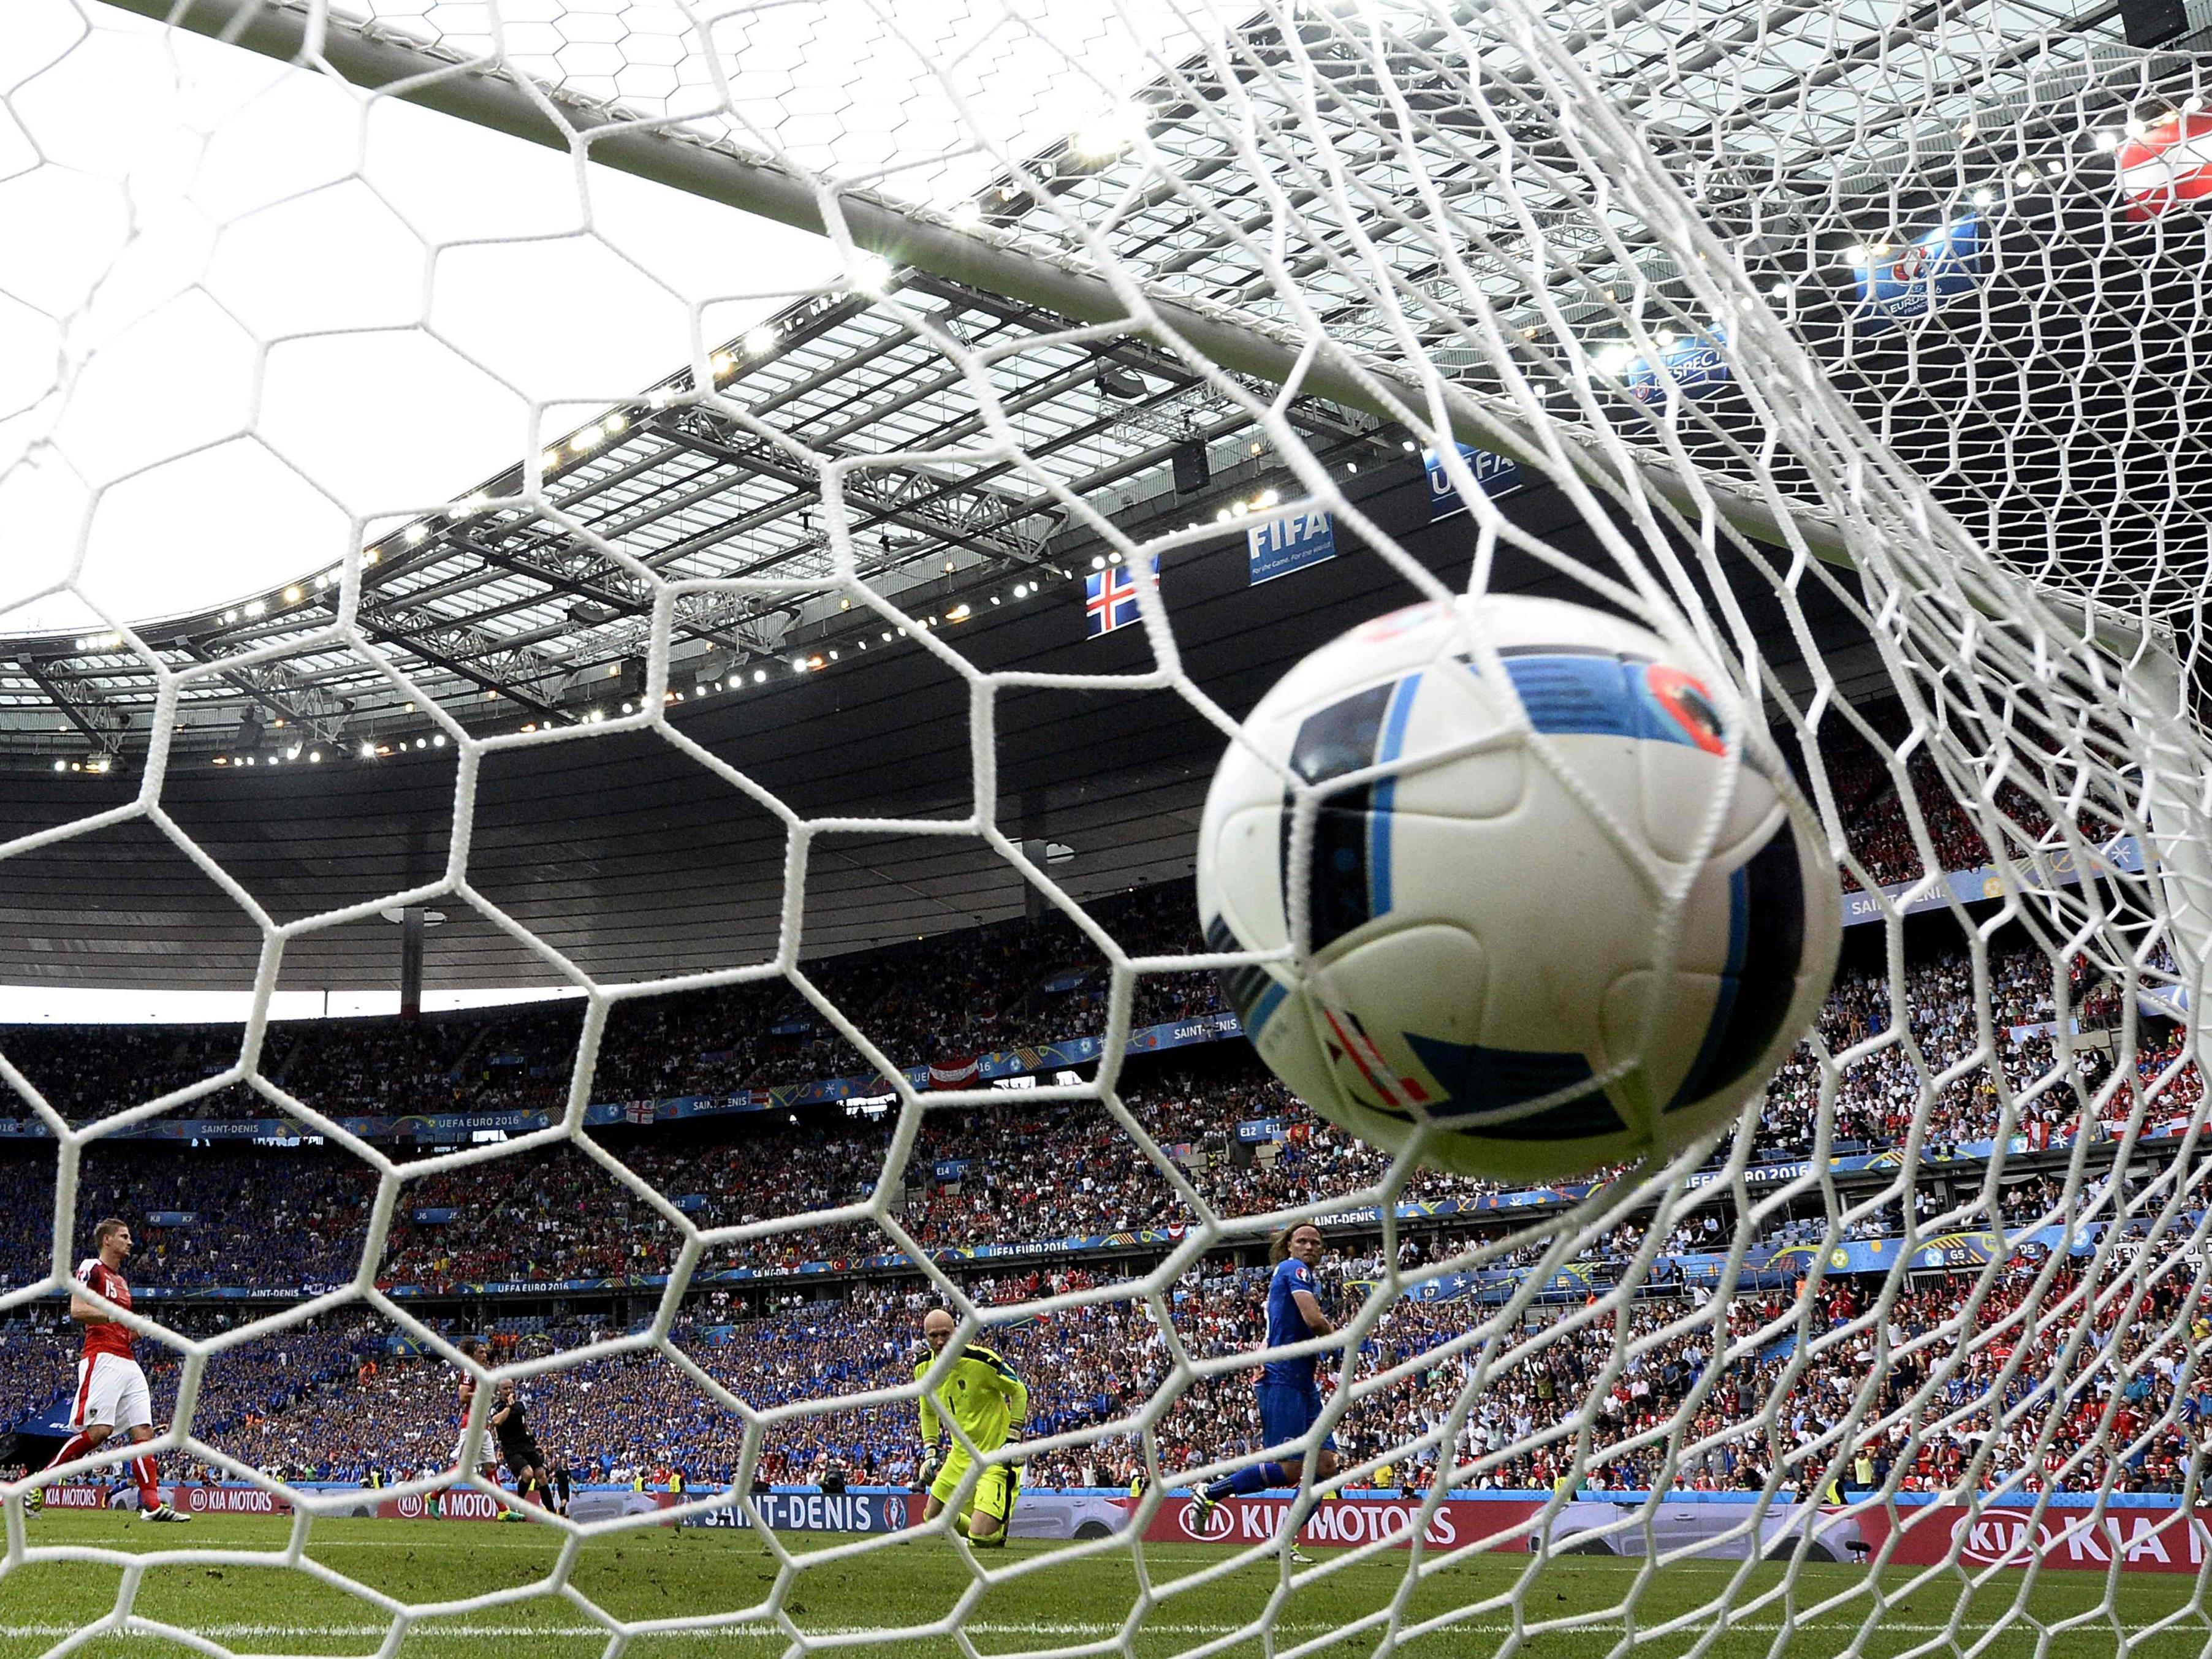 Das sind die Achtelfinal-Paarungen bei der EURO 2016 - der Weg bis zum Finale.